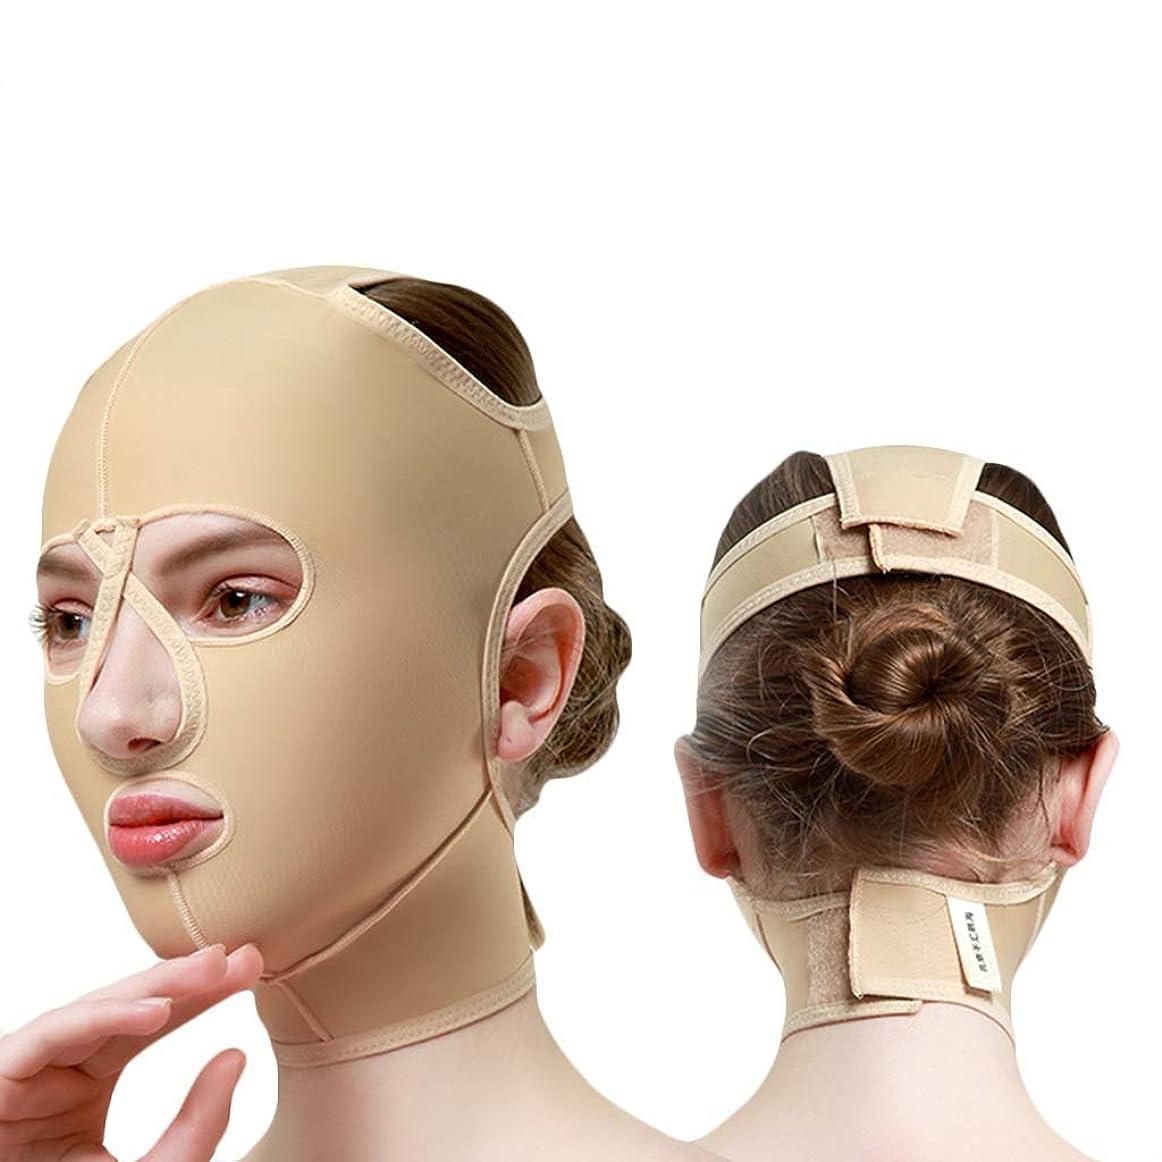 鋼次へチームチンストラップ、顔彫りツール、リフティングマスク、ダブルチンリデューサー、フェイスリフティングエラスティックマスクメス(サイズ:M),XL